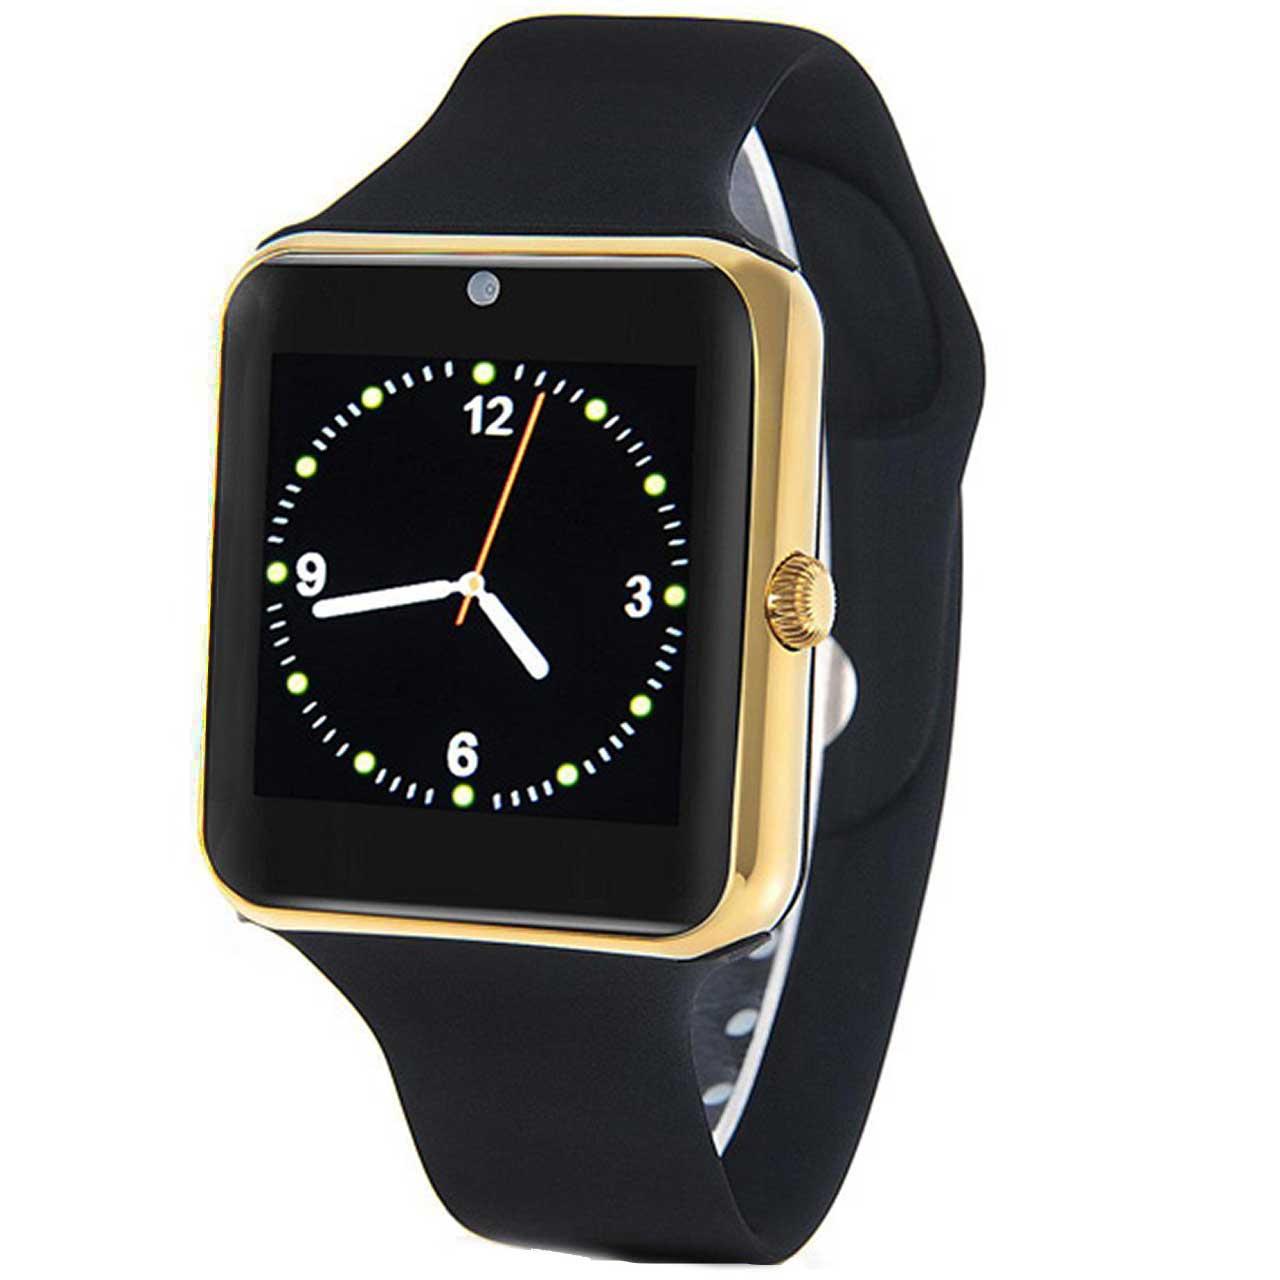 بررسی و {خرید با تخفیف}                                     ساعت هوشمند مدل Q7sp همراه محافظ صفحه نمایش شیدتگ                             اصل